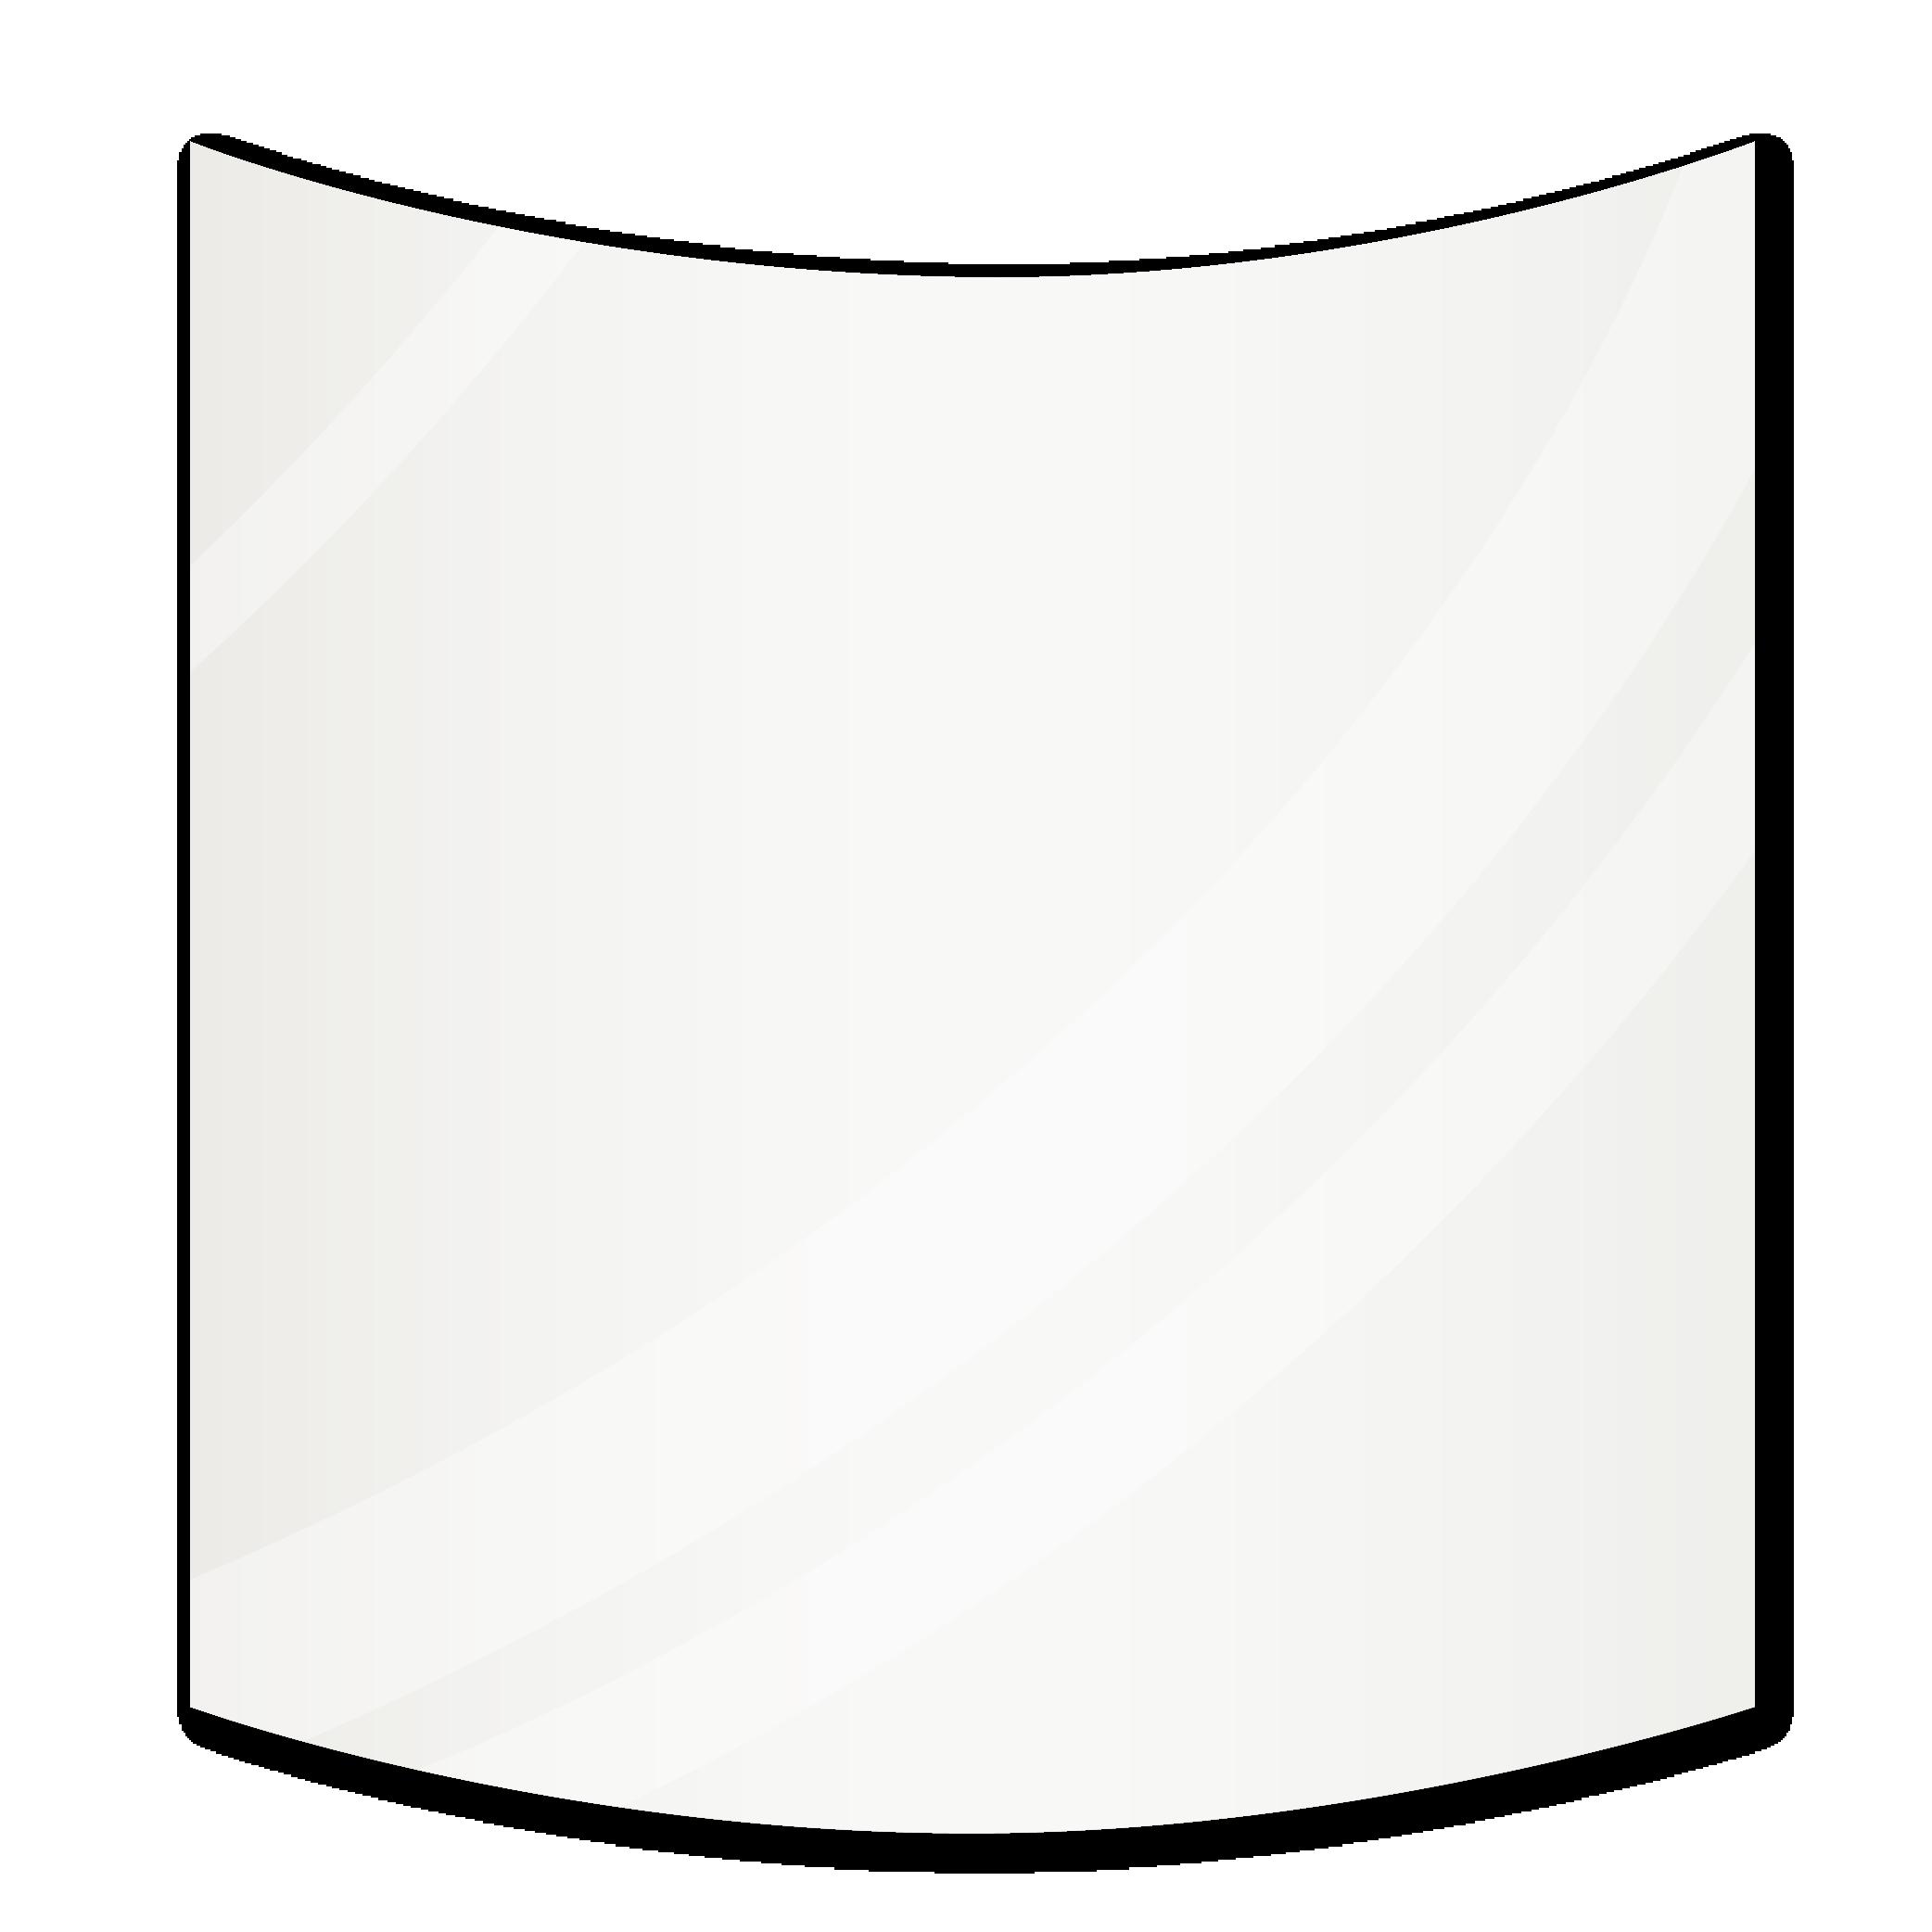 Зеркало с радиусными углами 1700×1000 мм осветленное с еврокромкой и с отверстиями для крепления